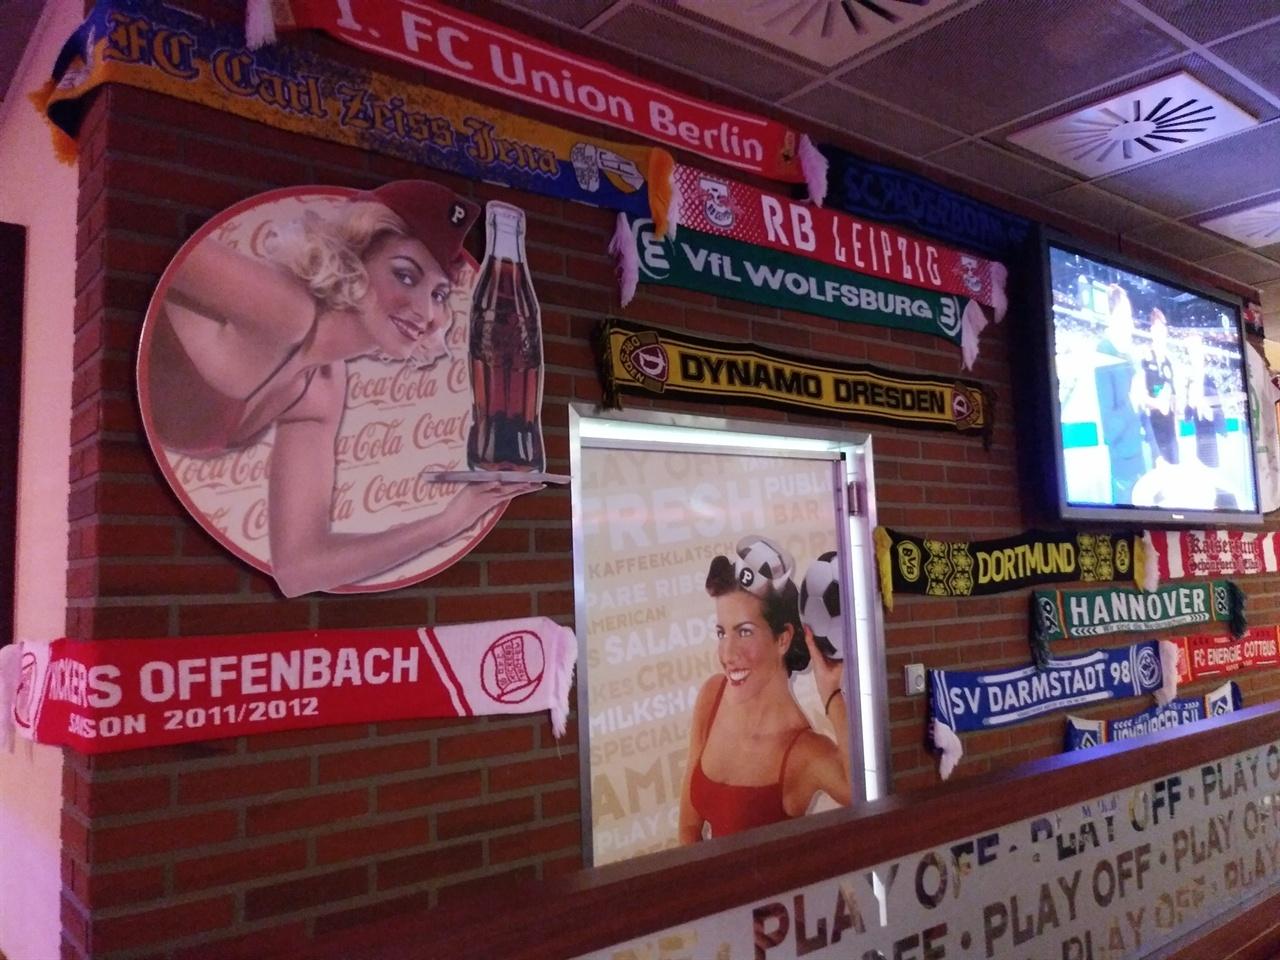 도심의 한 스포츠 바 모습 맥주를 마시면서 각종 경기를 관람할 수 있는 스포츠 바가 곳곳에 있는데, 가게 벽면에는 연고 팀의 배너(응원용 수건)가 마치 벽지처럼 붙어있다.